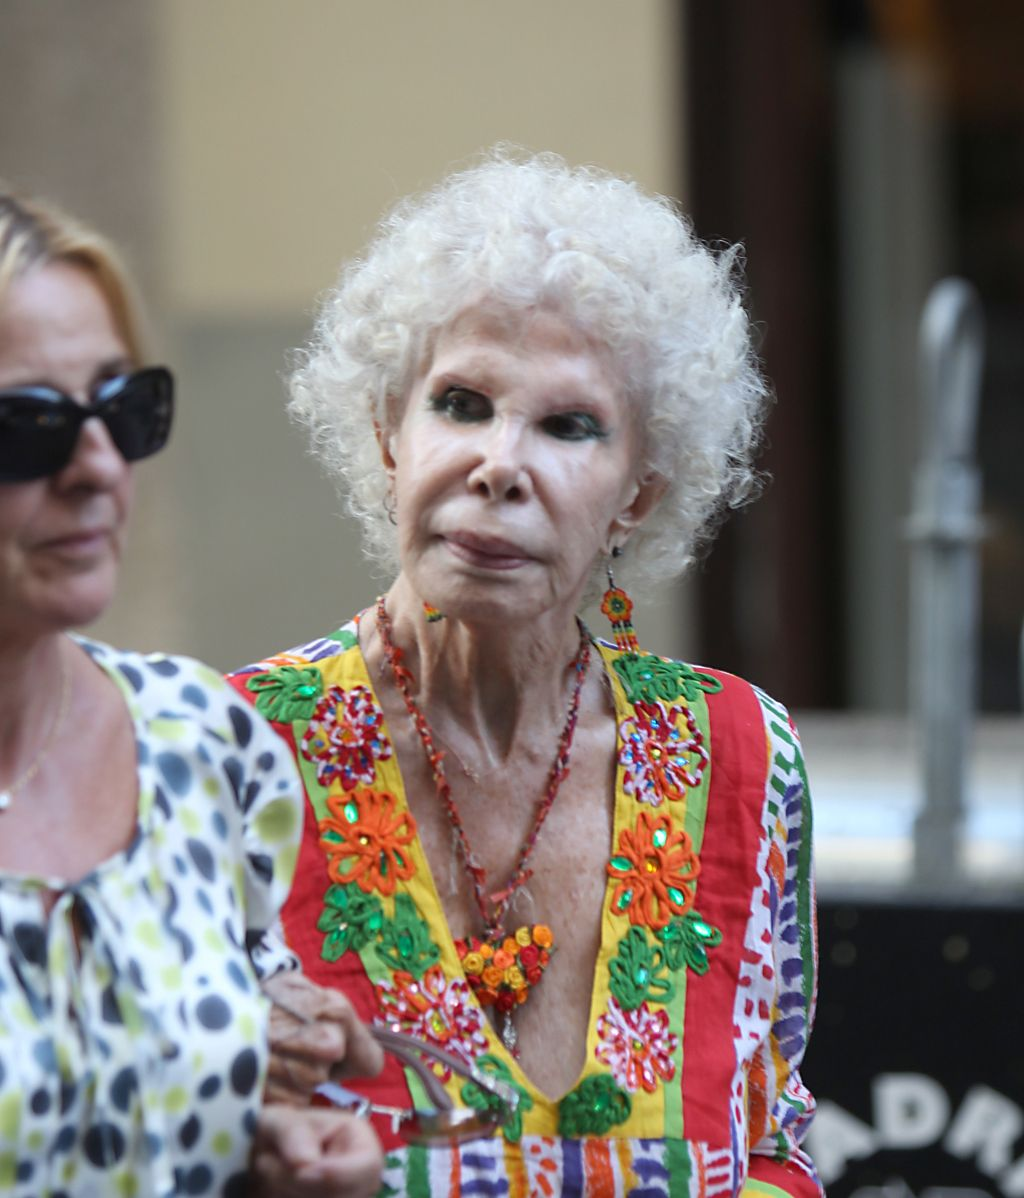 La duquesa de Alba, paseando por las calles de Madrid